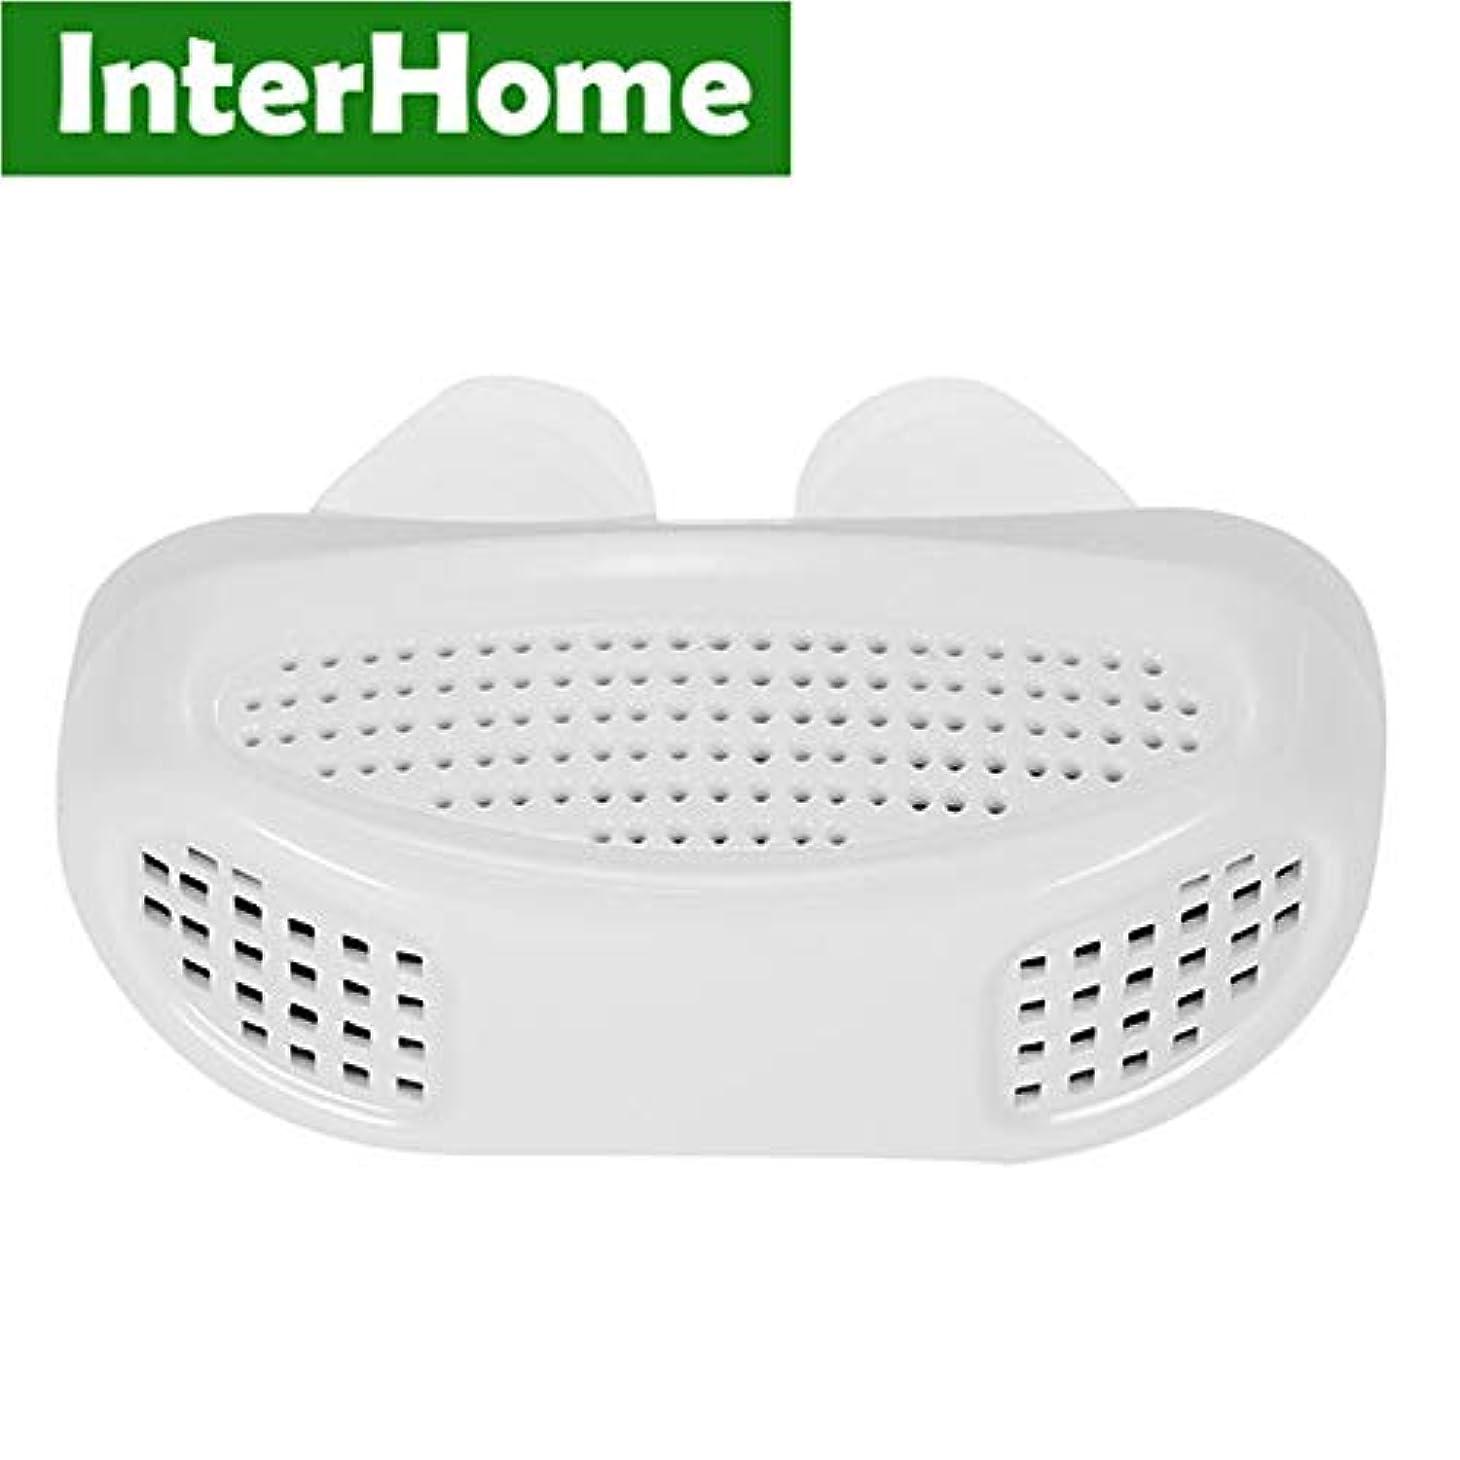 公立方体調べるNOTE 特許PM2.5抗いびき装置睡眠抗いびき無呼吸換気鼻呼吸装置鼻づまり清潔な空気清浄機